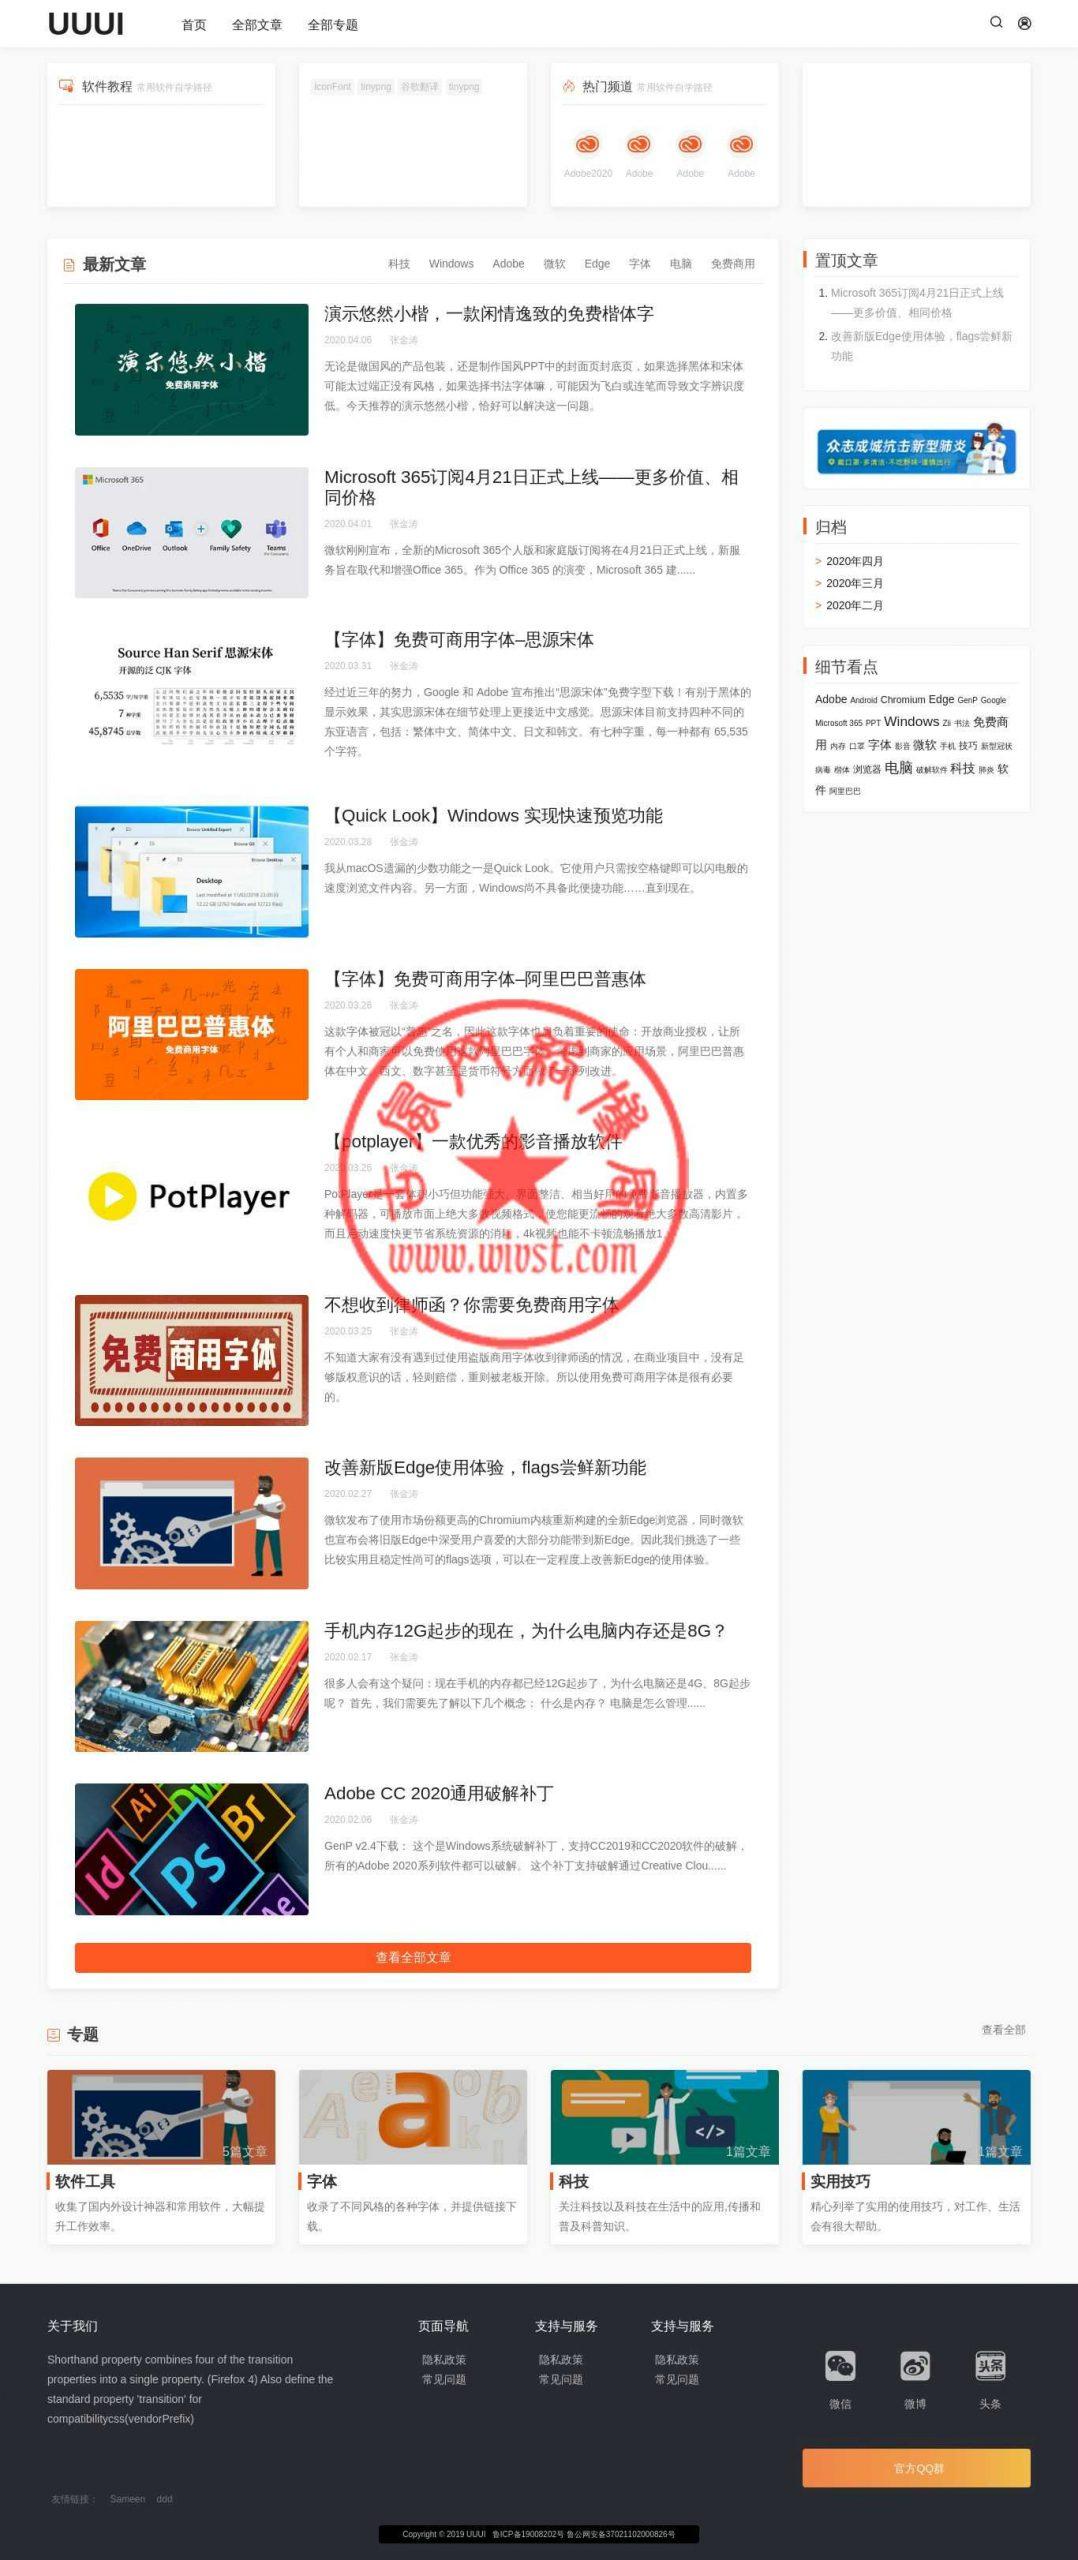 wordpress博客主题UUUI v0.25.4互联网个人博客主题